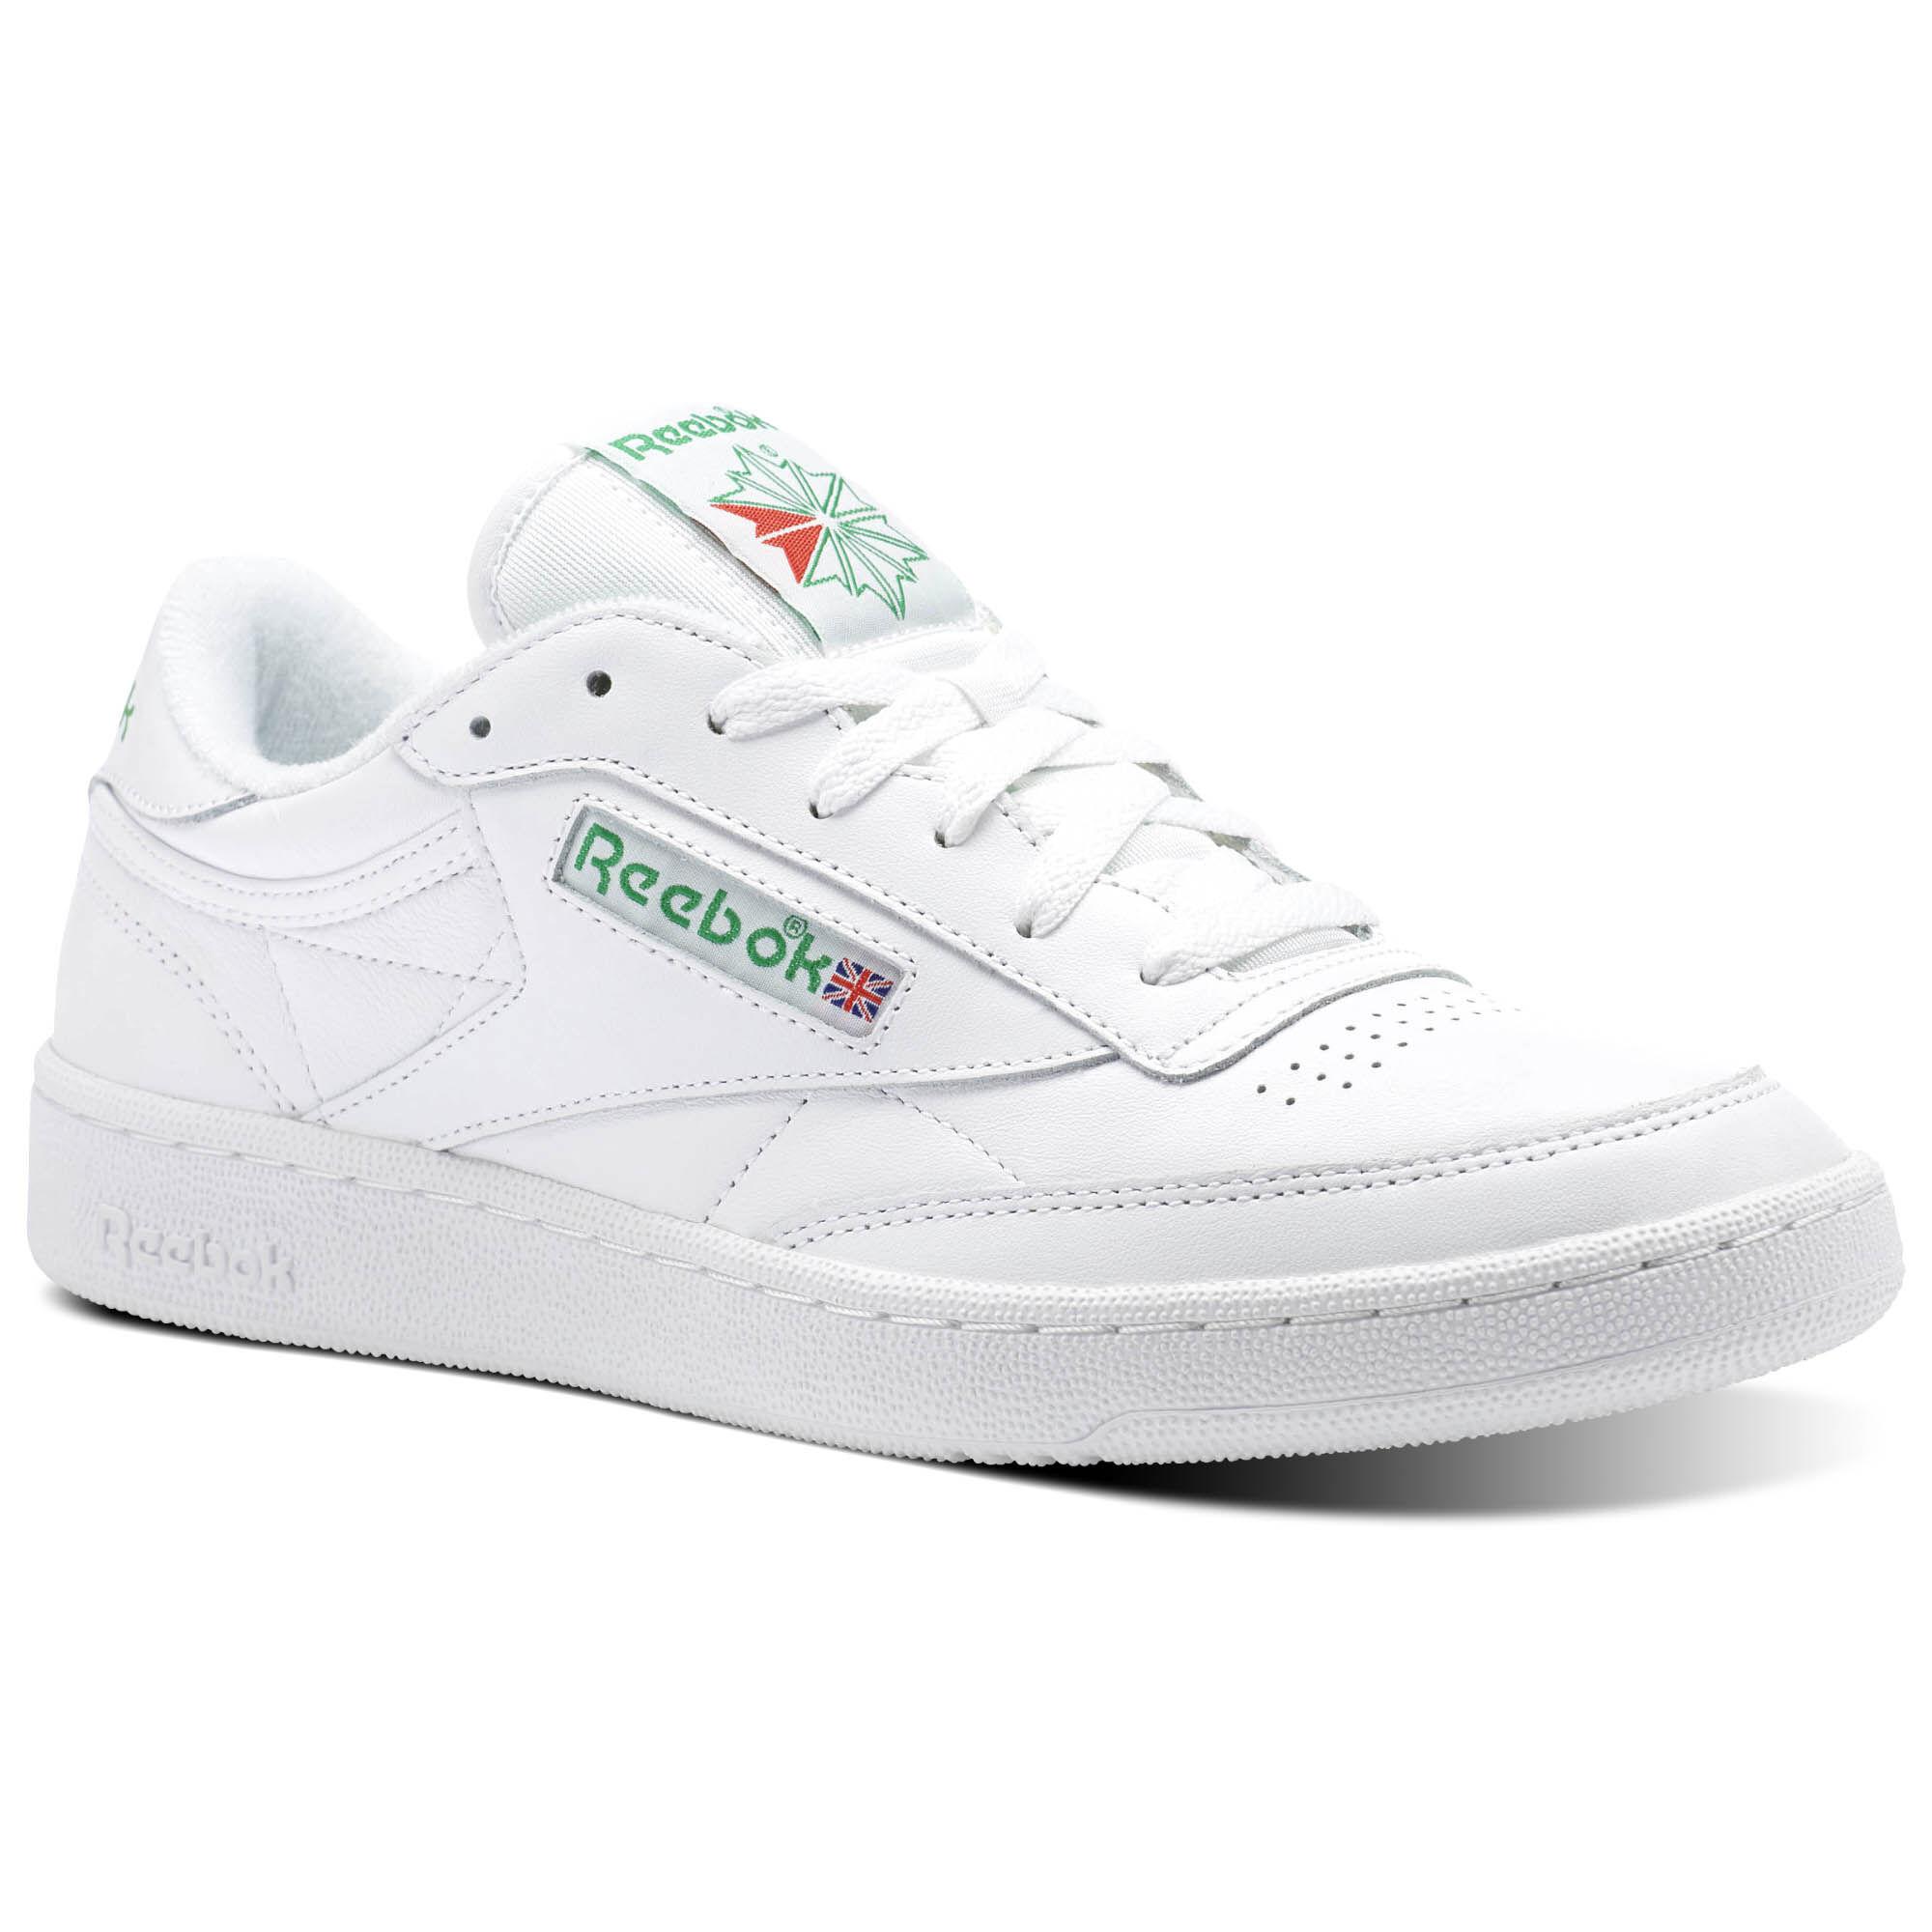 Reebok Chaussures De Sport D'archives Club De C85 7pe6POmh45